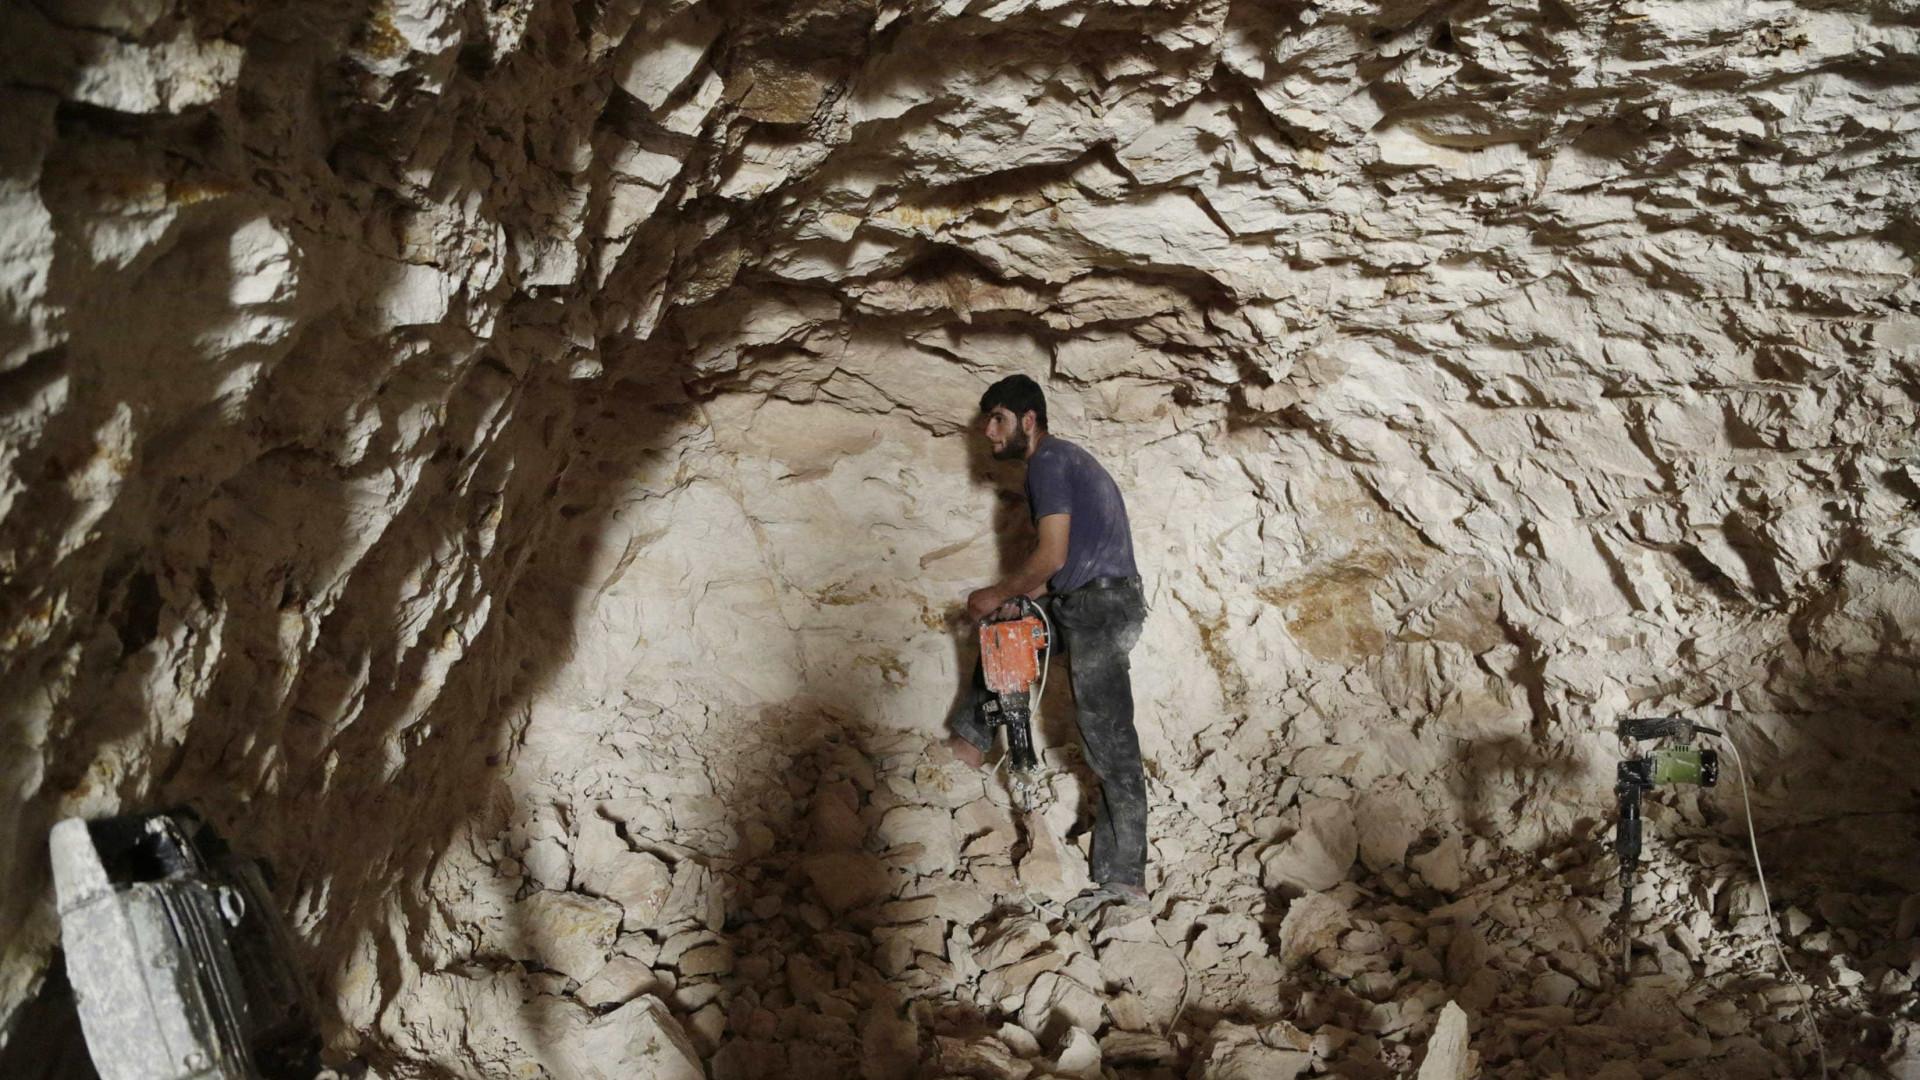 Equipa de resgate procura 4 espeleólogos portugueses em gruta espanhola